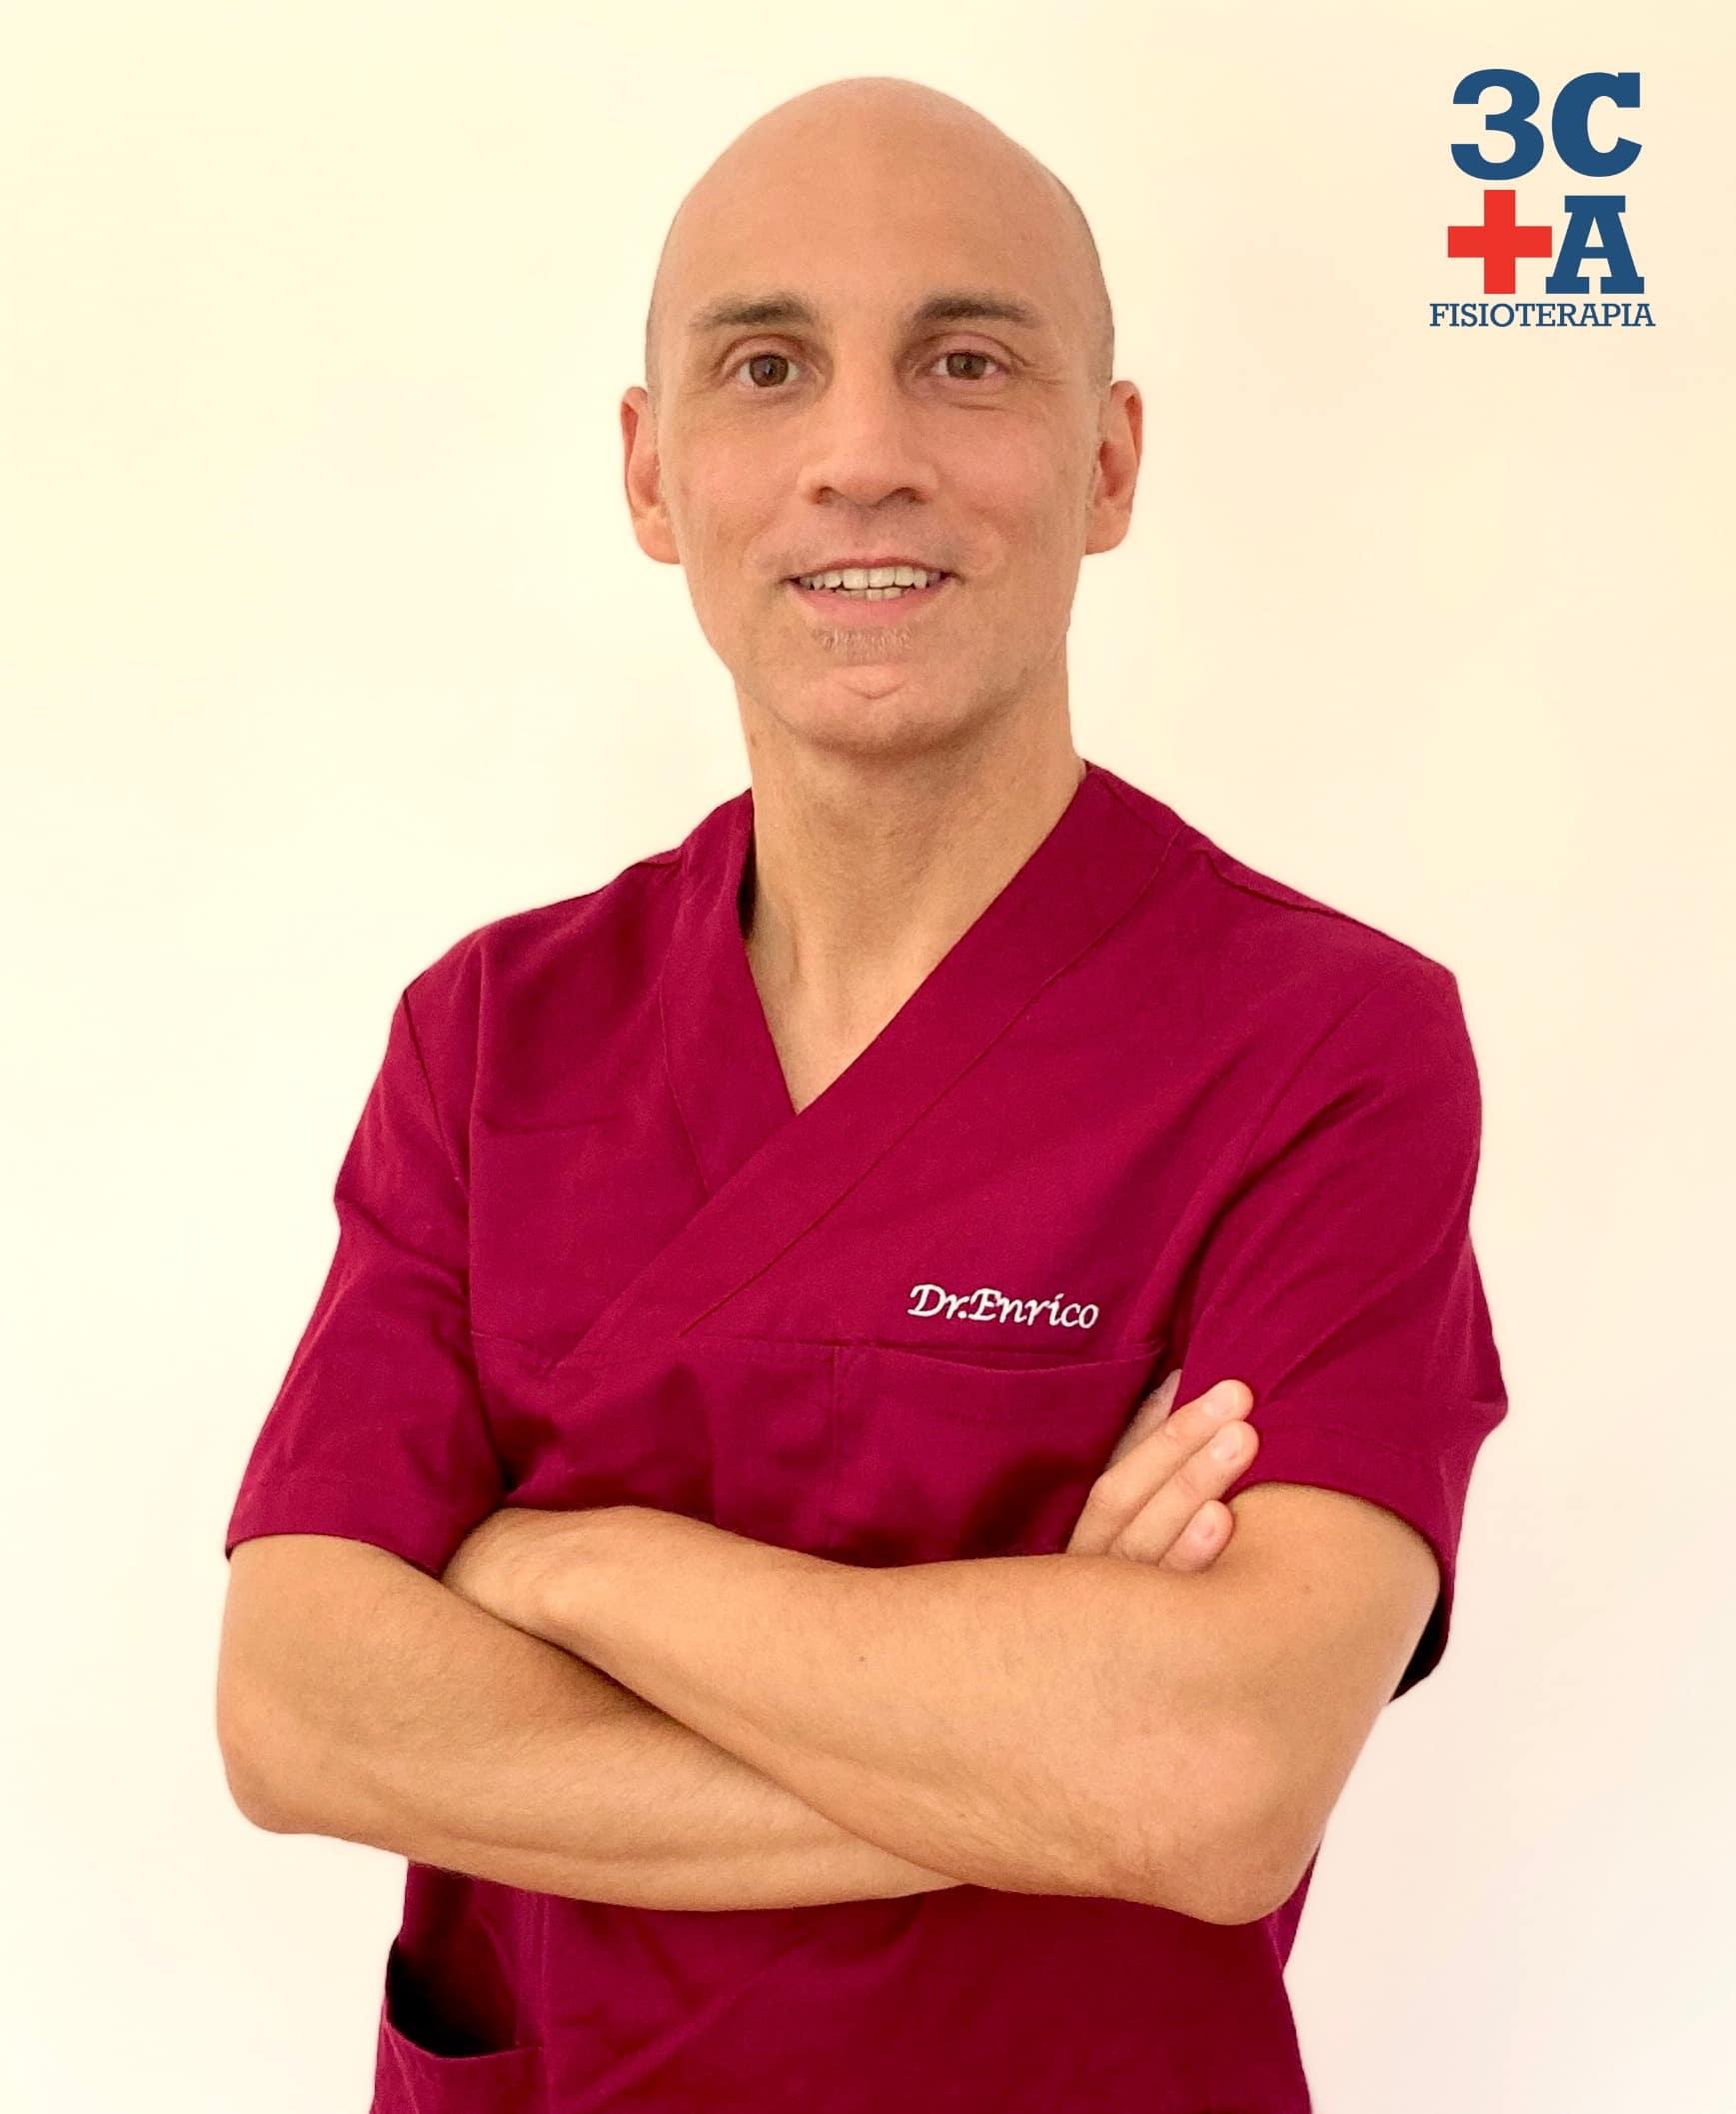 Staff 3C+A Dr. Enrico 0191